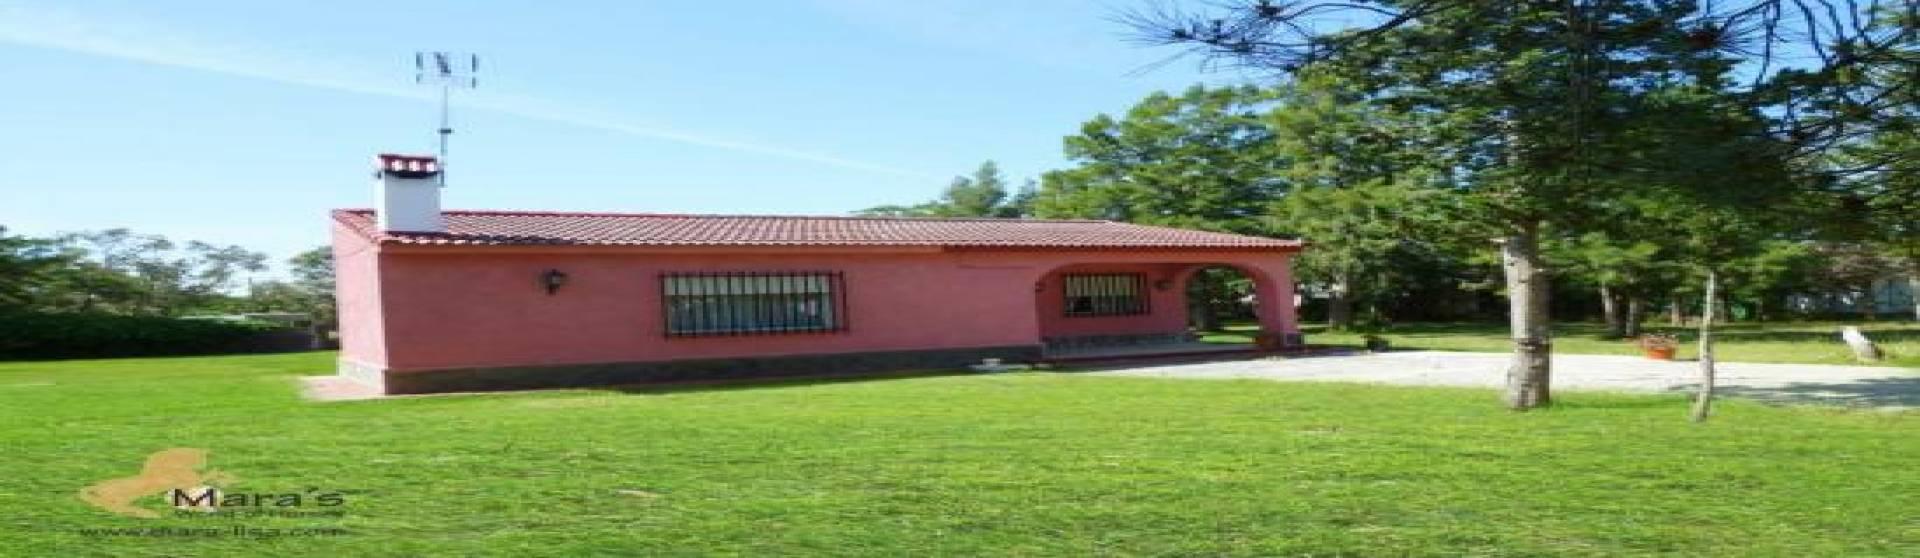 2 Schlafzimmer, Villa, zu verkaufen, 1 Badezimmer, Listing ID 1179, Chiclana de la Frontera, Andalusien, Spanien, 11130,